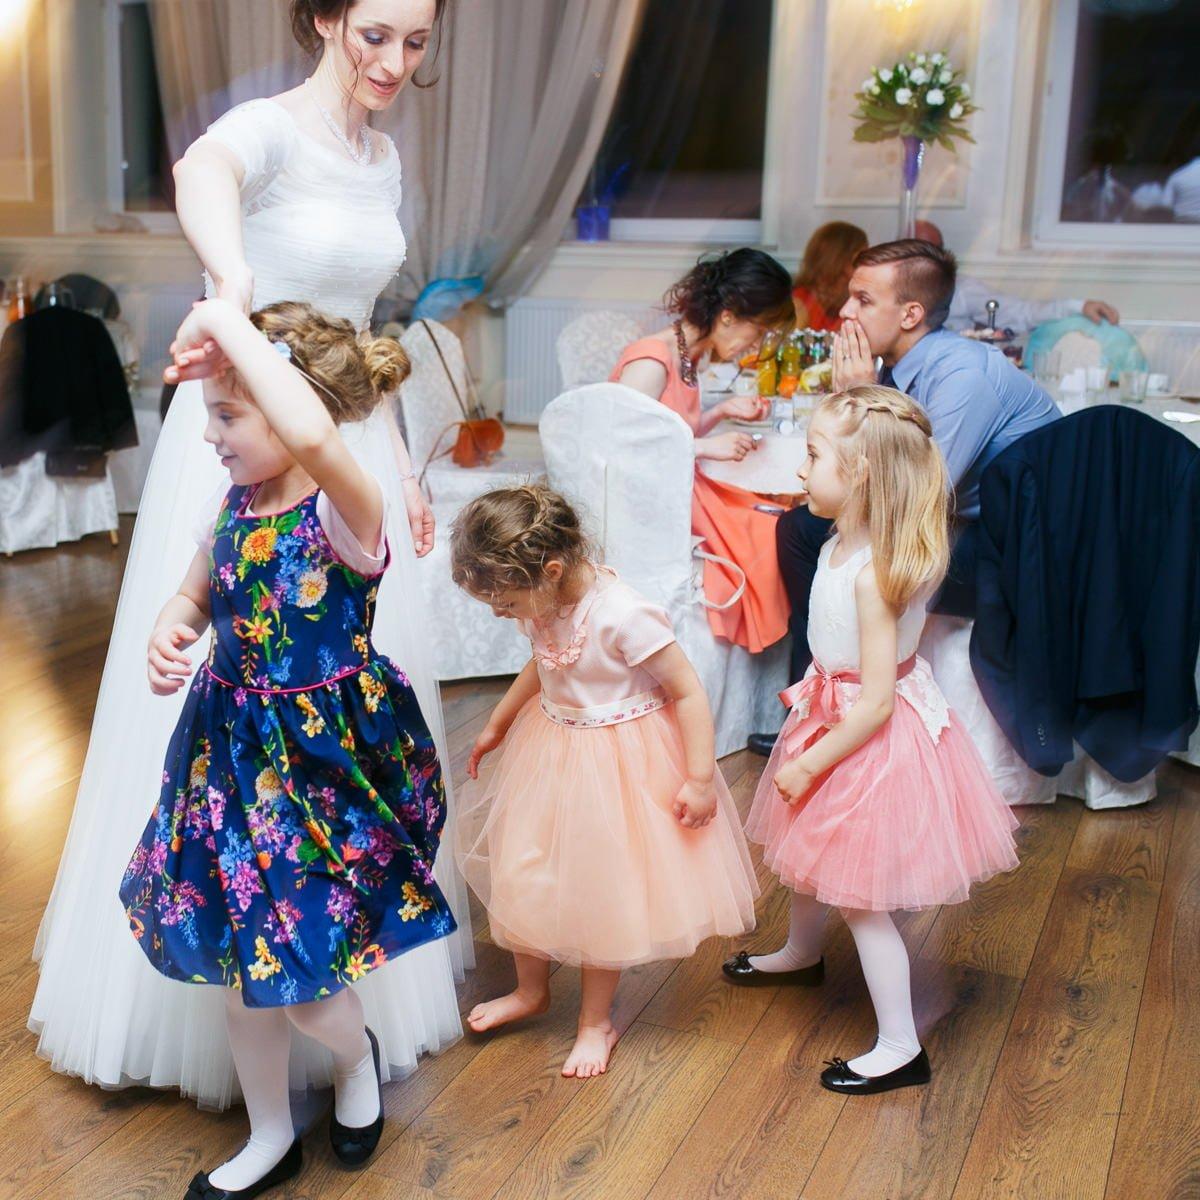 fotograf slub bielsko biala ania maciej 135 - Ślub w Bielsku-Białej - ANIA & MACIEJ